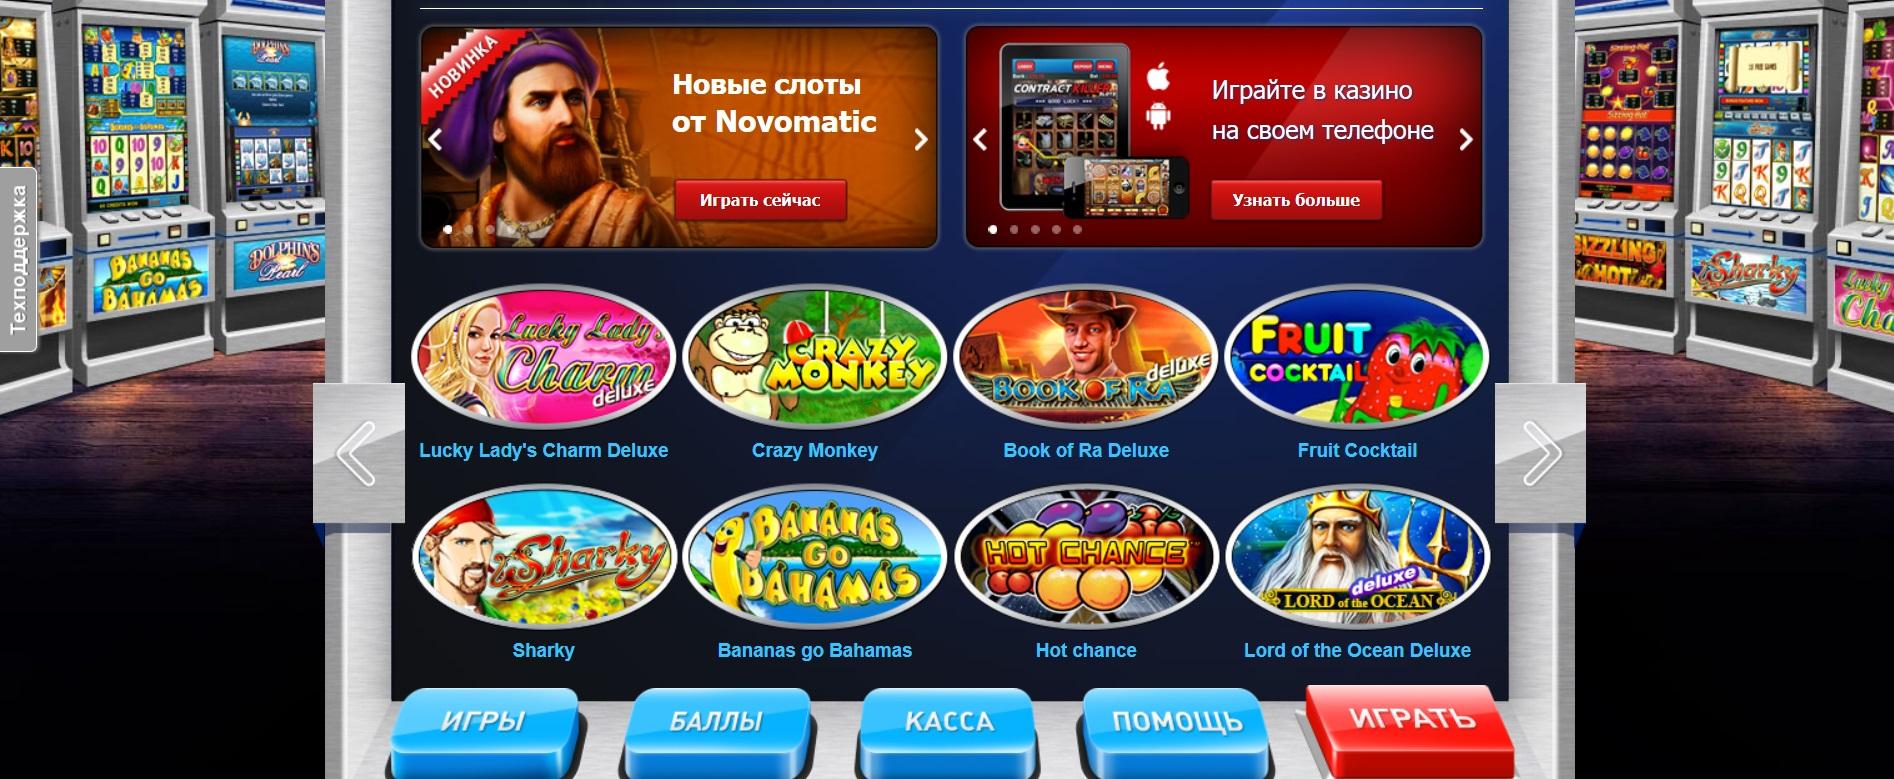 Резидент автоматы играть онлайн бесплатно